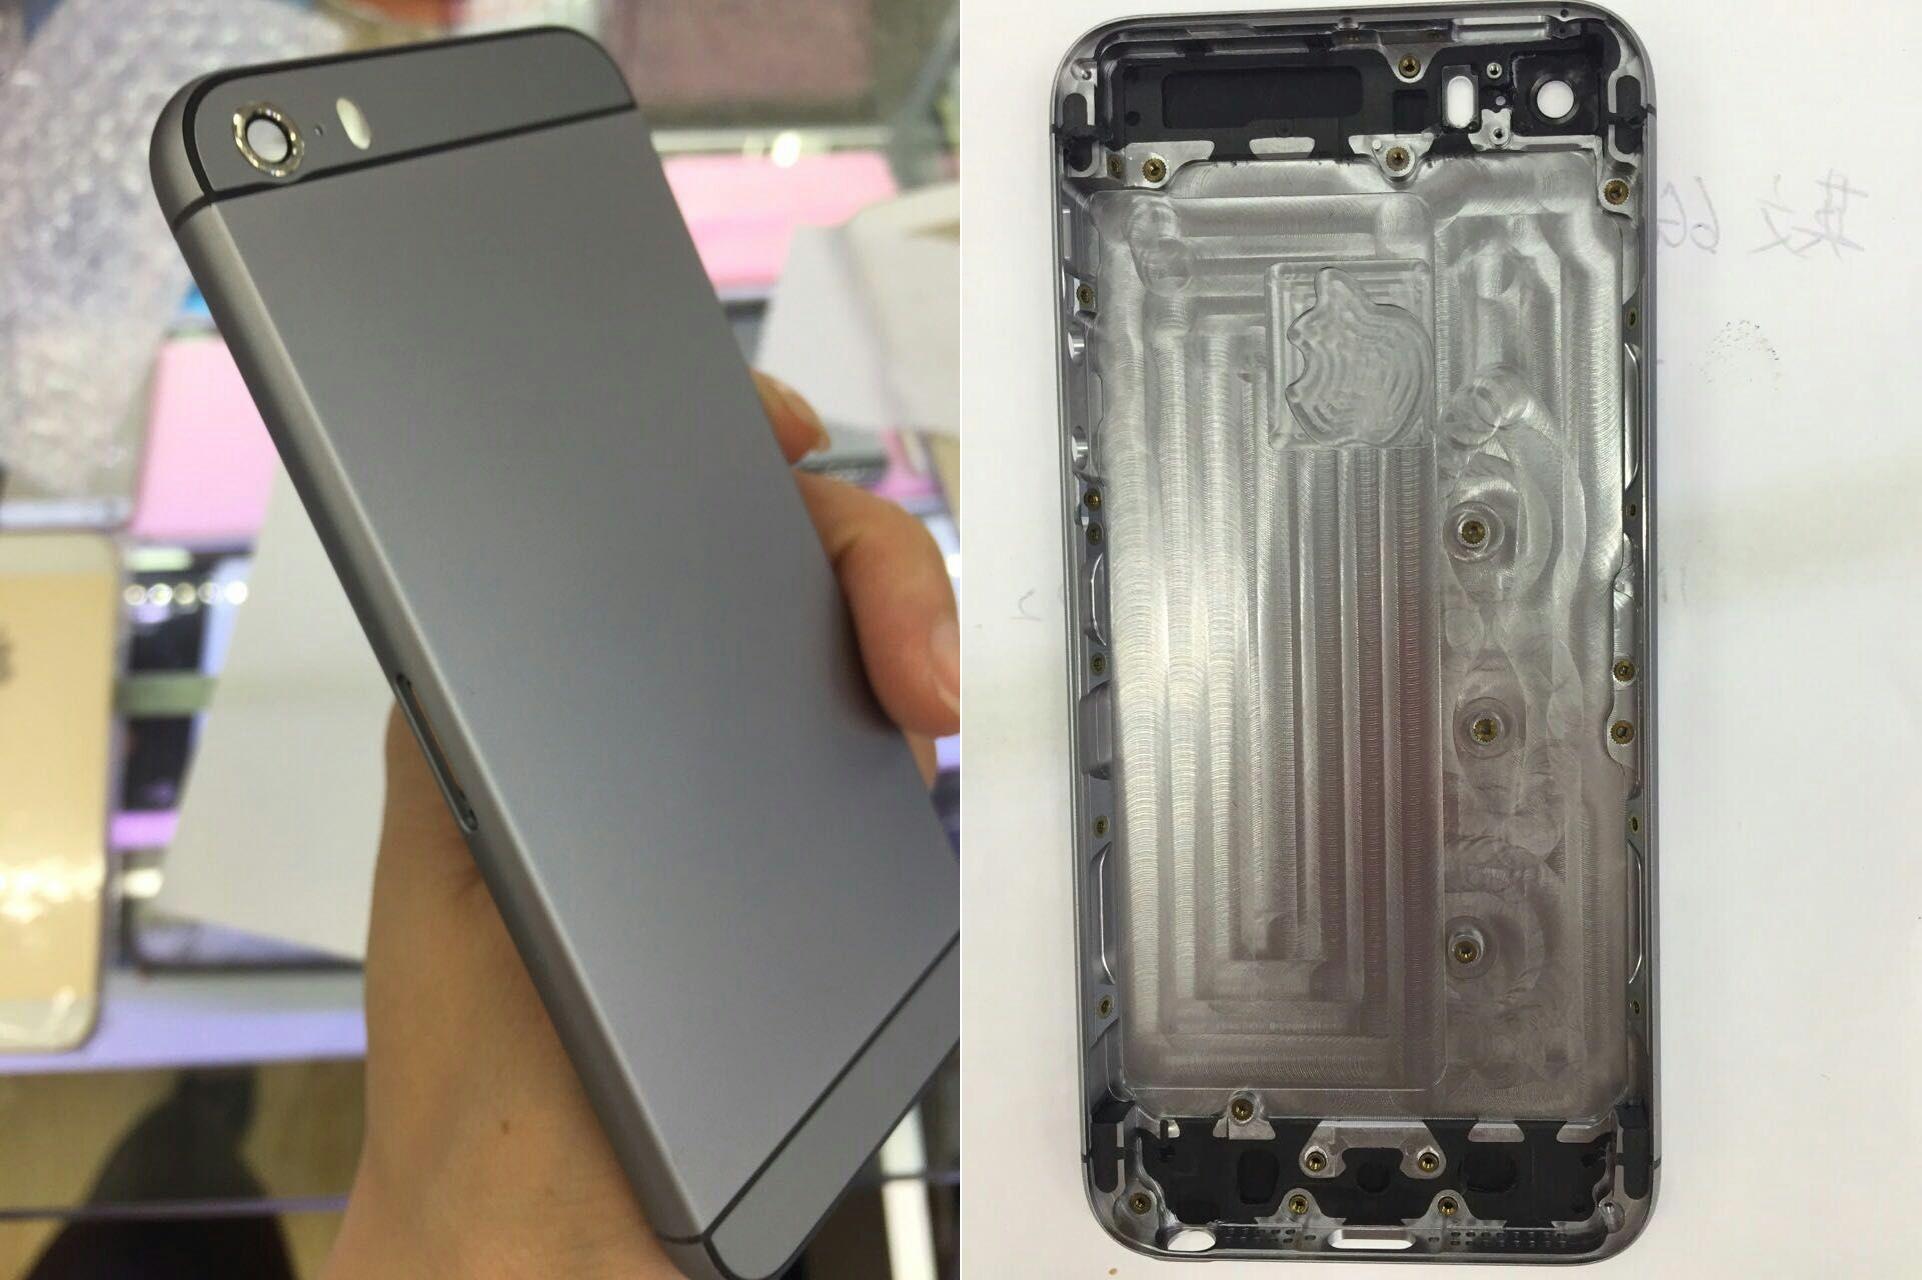 iPhone 6C carcasa imagini